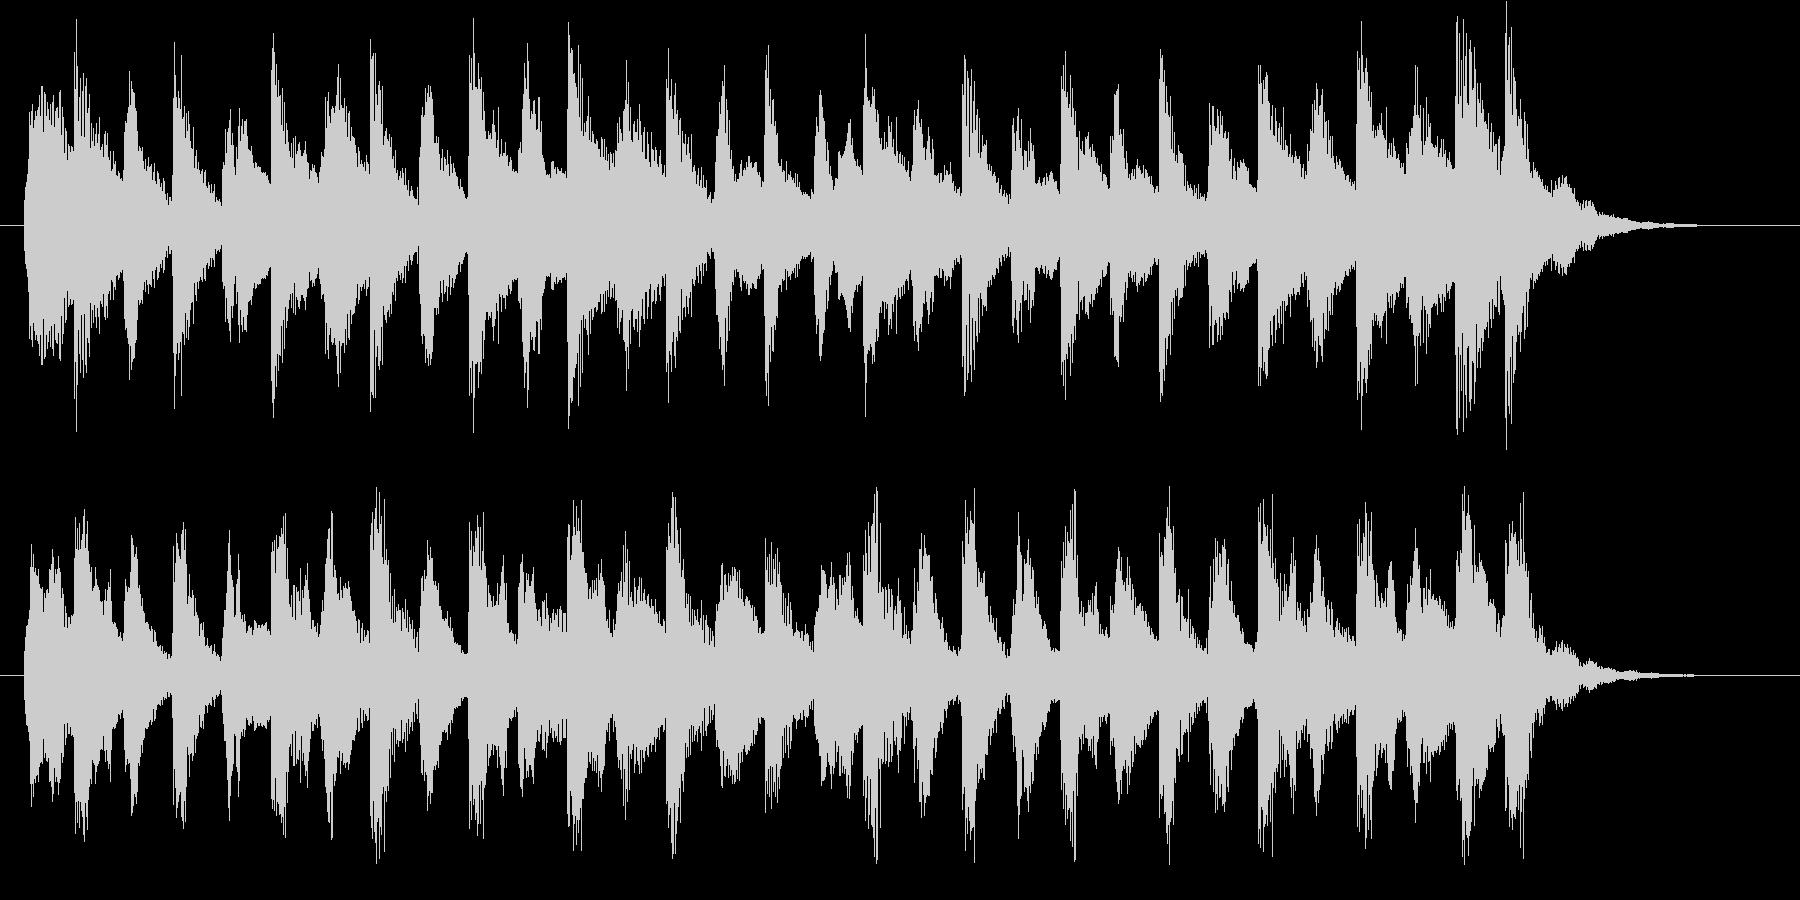 キュートで軽やかなライトオーケストラロゴの未再生の波形